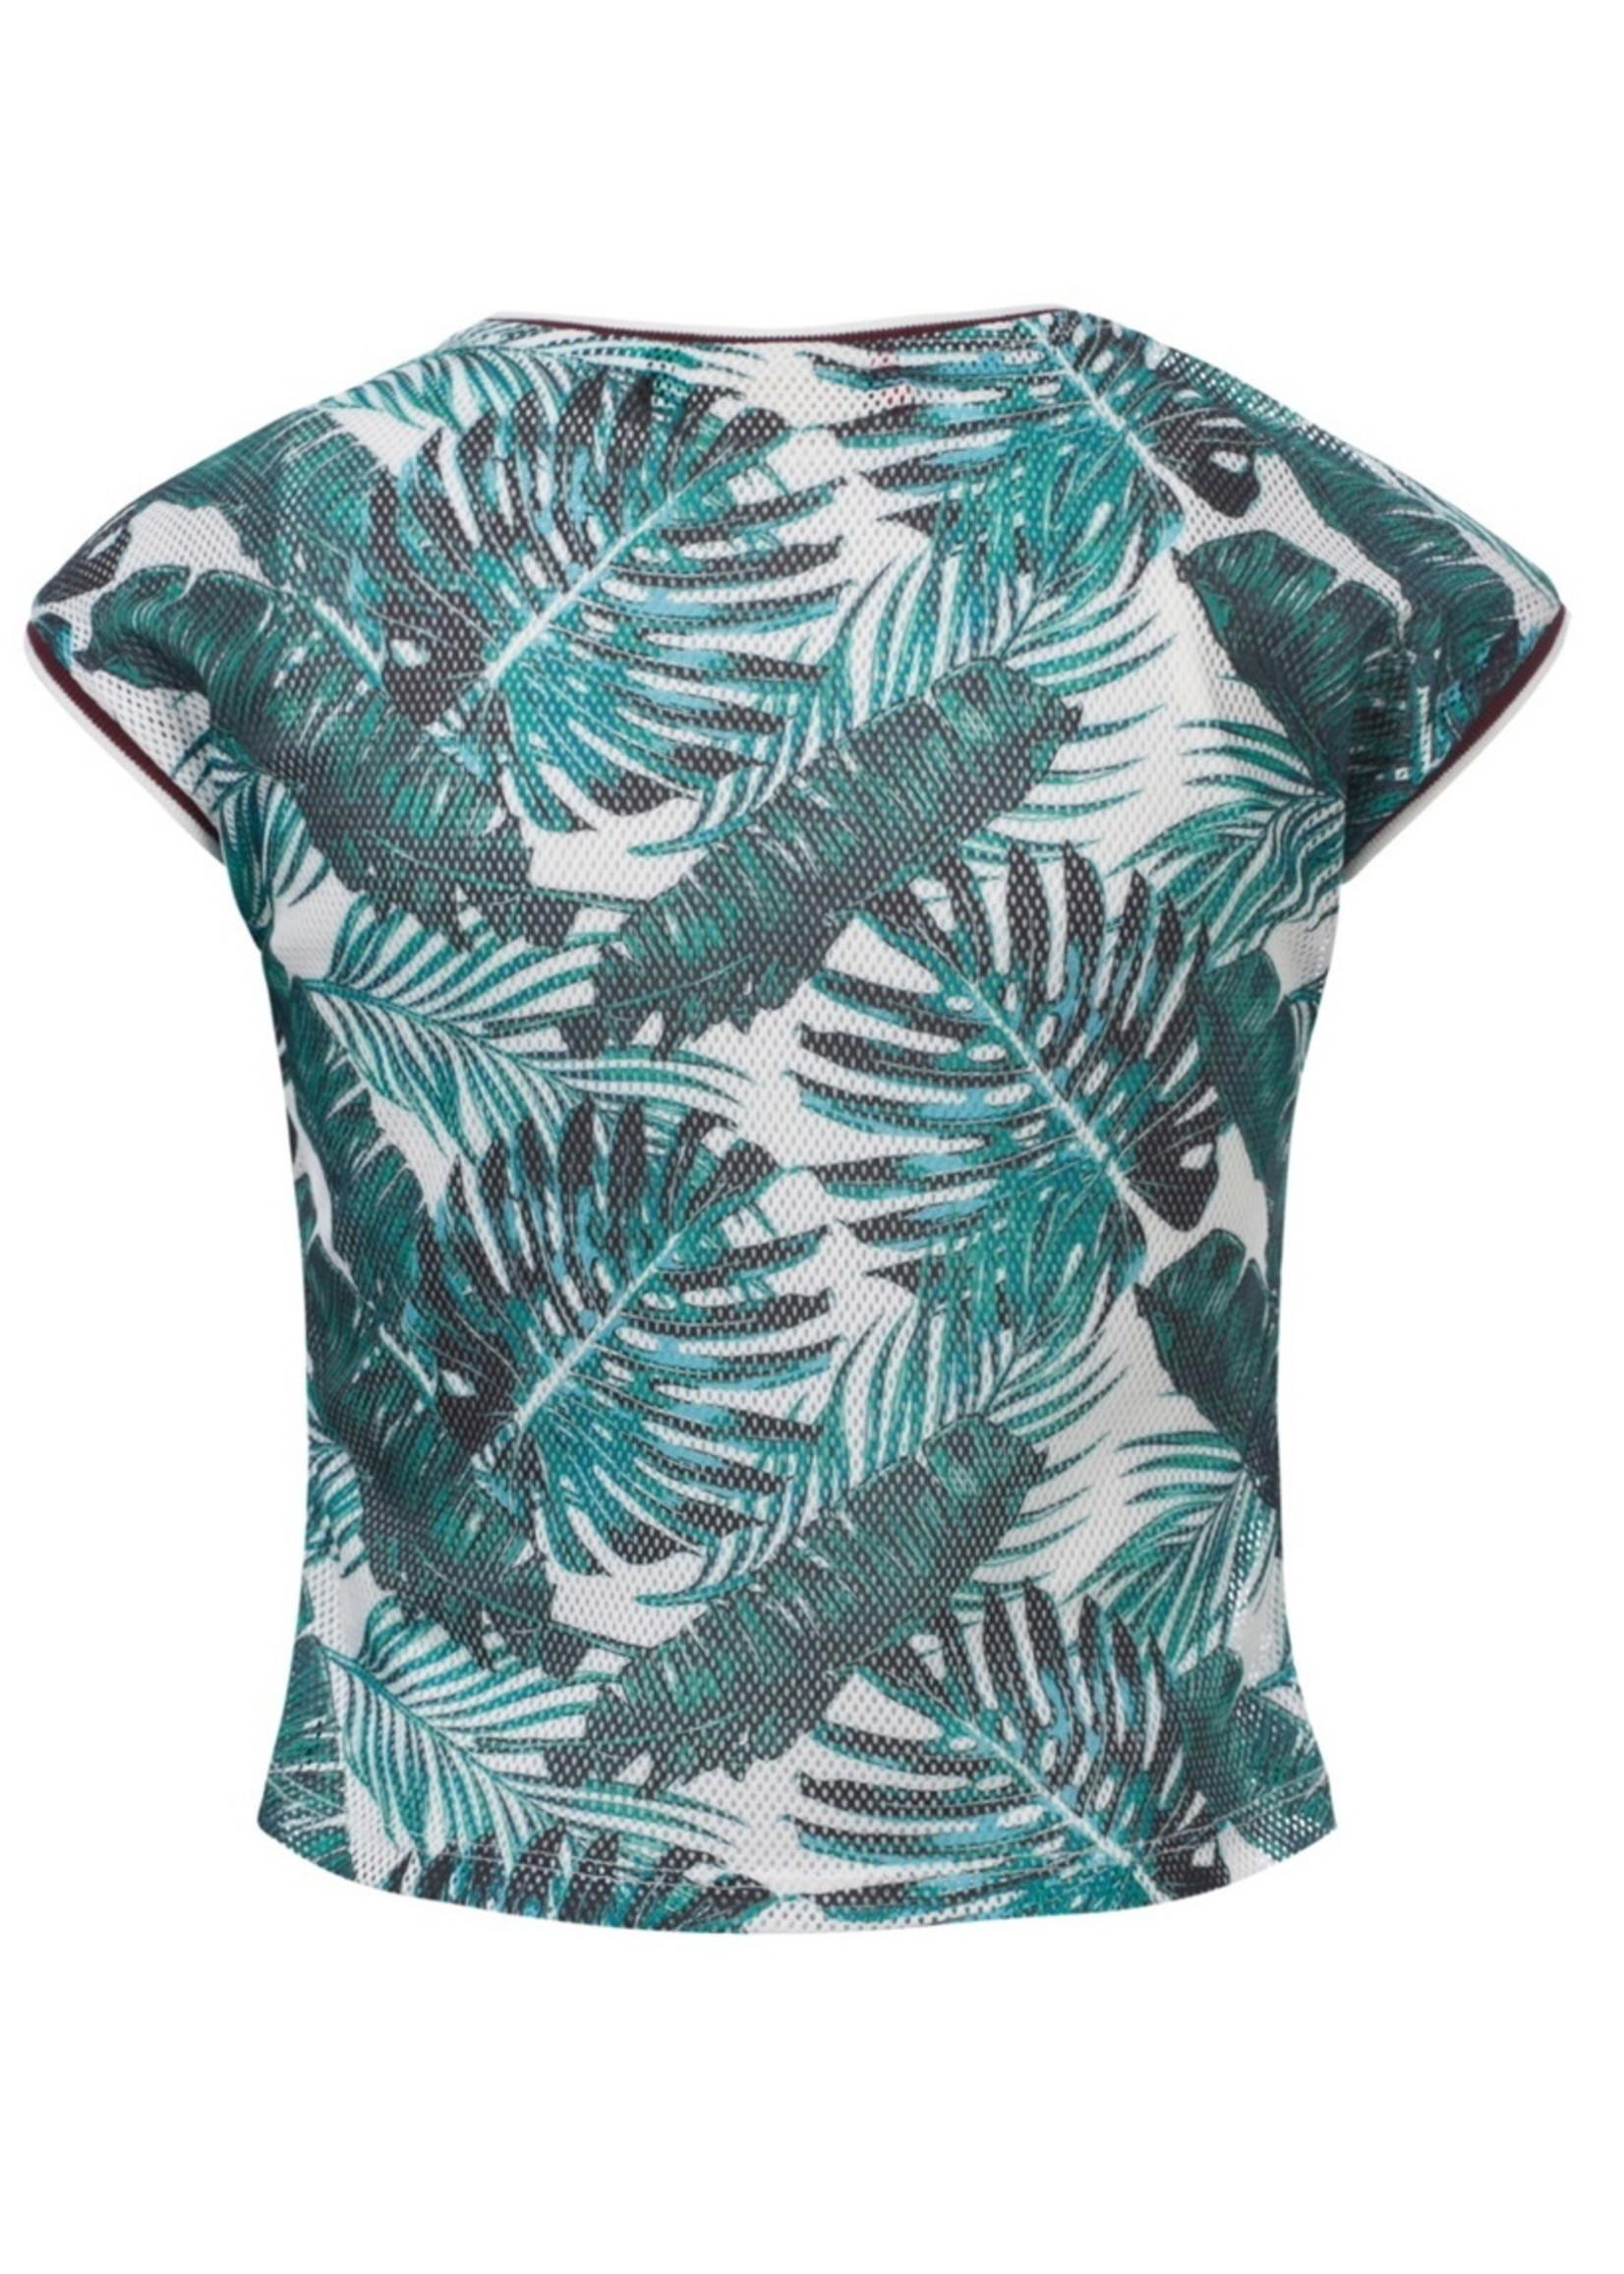 Looxs T-shirt maat 128